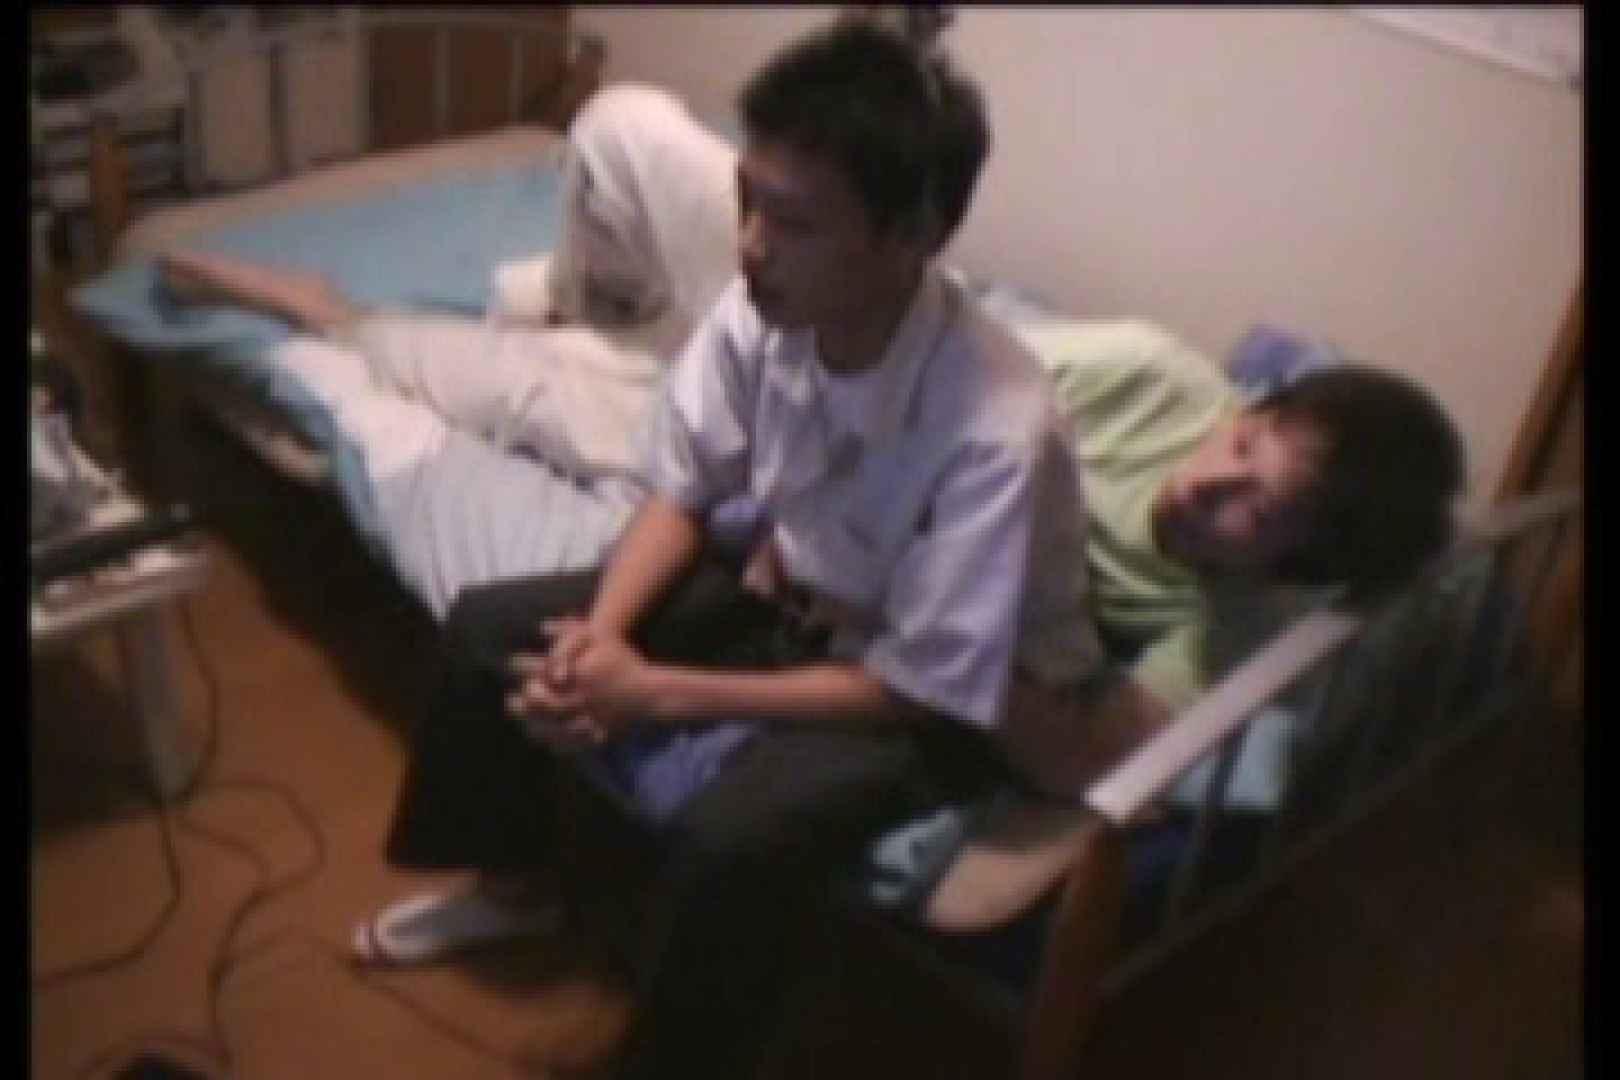 【実録投稿】友達覗撮In my room!! 射精  102pic 32